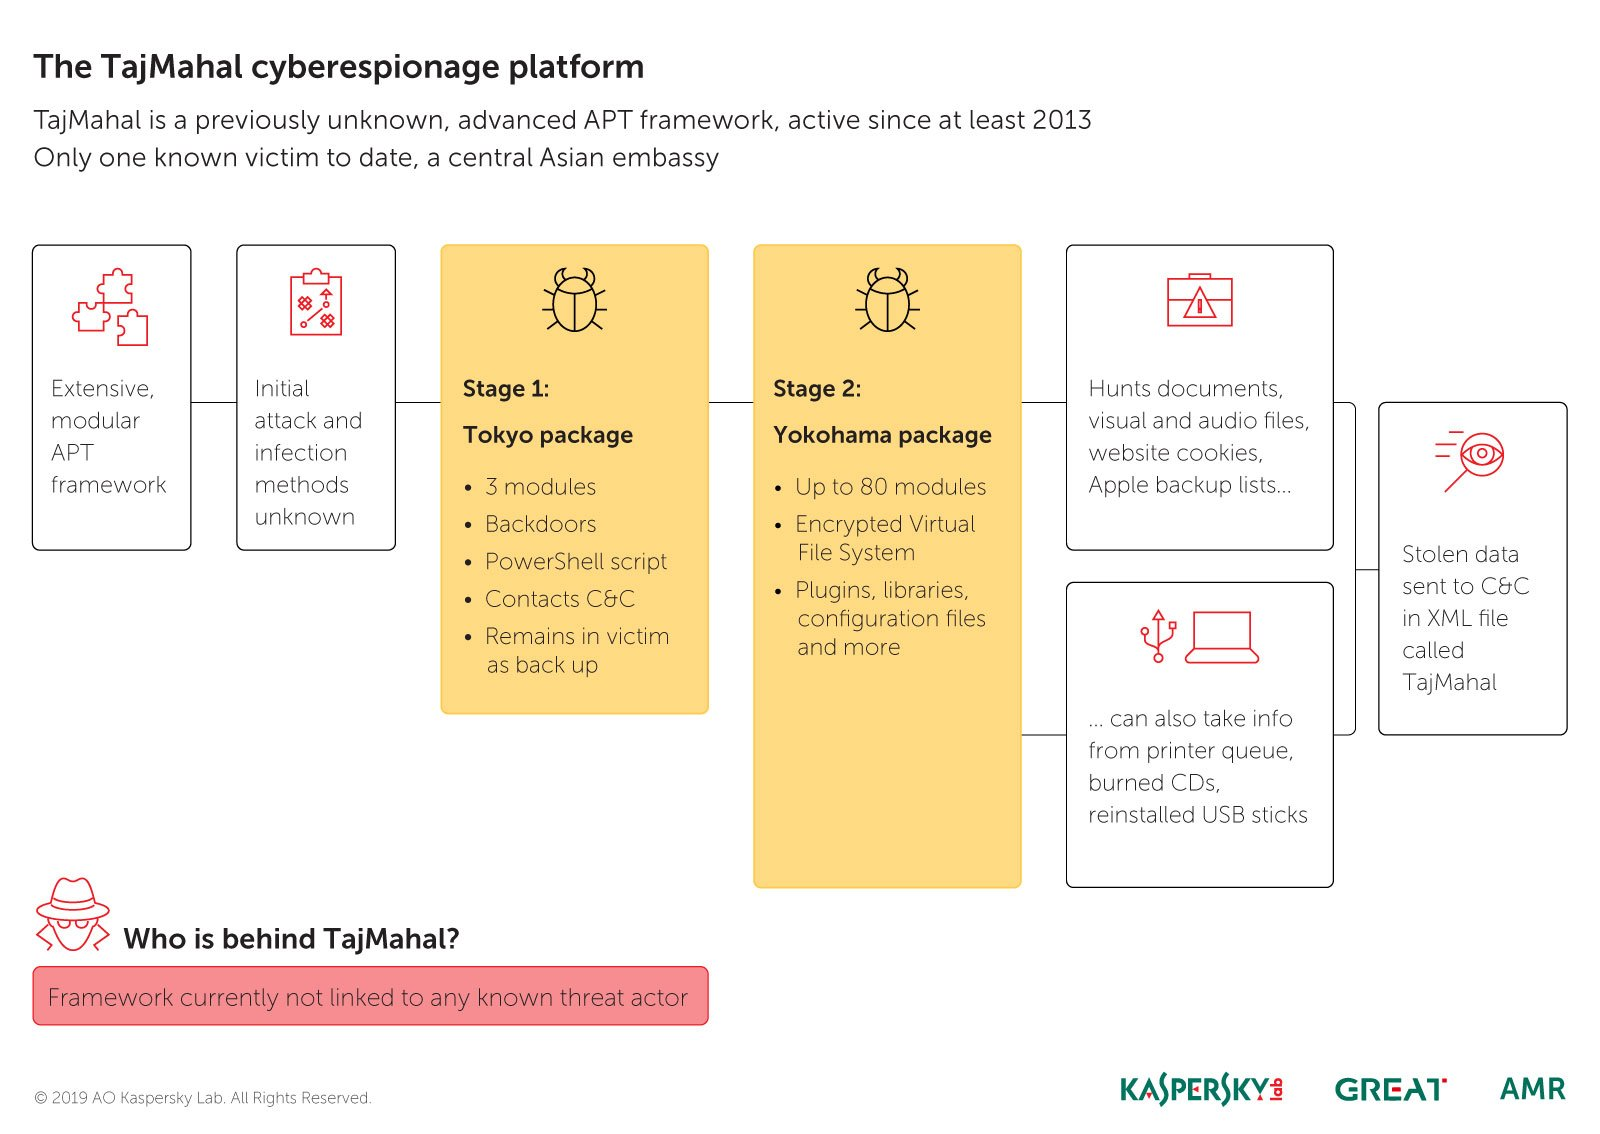 TajMahal: o platformă rară de spionaj, cu 80 de module și fără legături vizibile cu grupuri cunoscute de atacatori